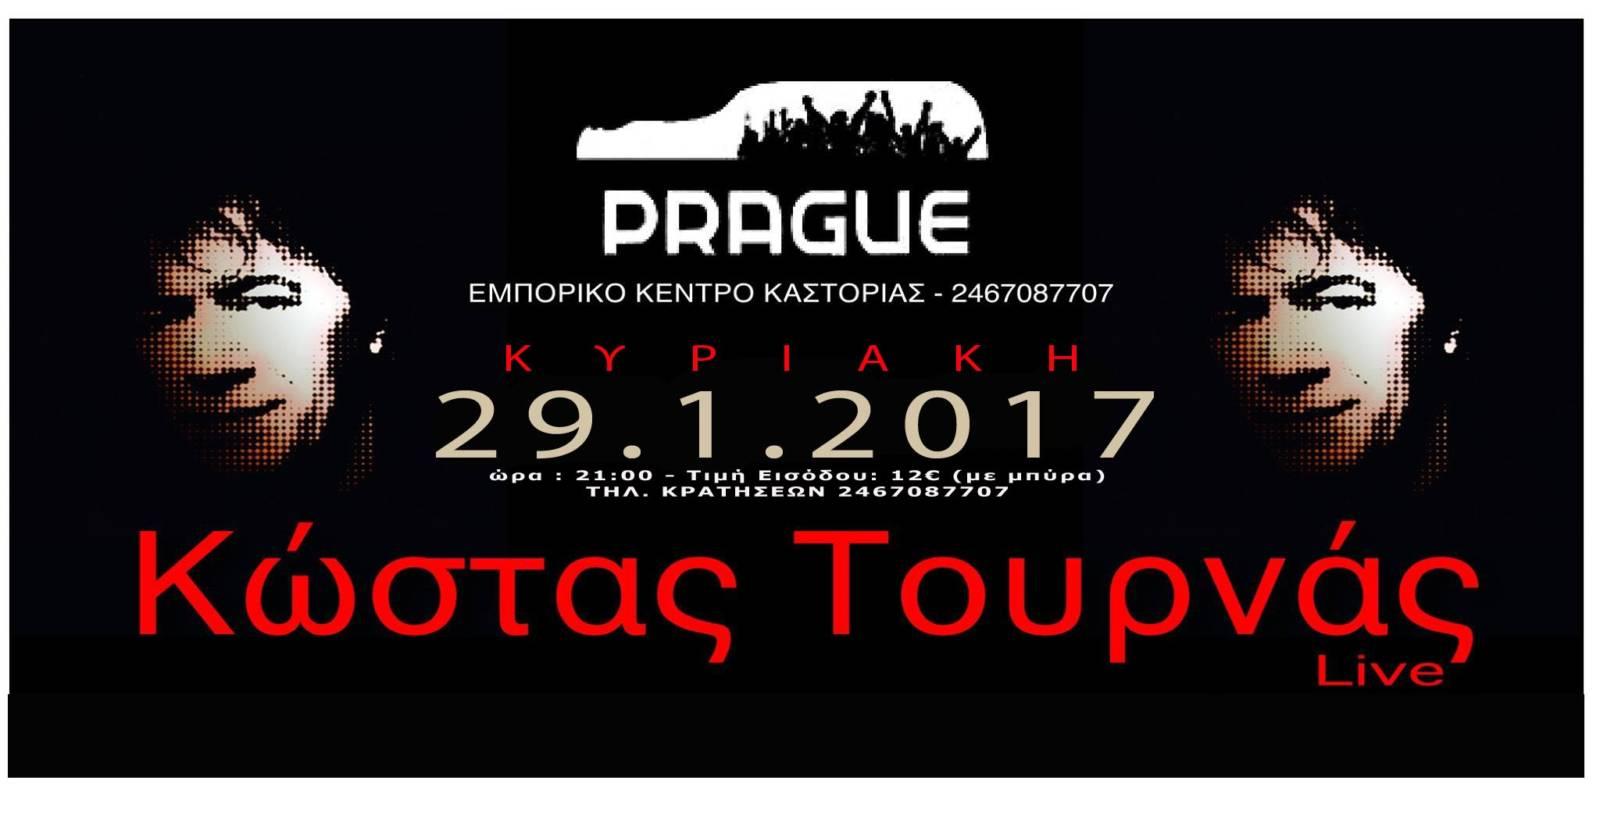 Ο Κώστας Τουρνάς live στο Prague στην Καστοριά, την Κυριακή 29 Ιανουαρίου